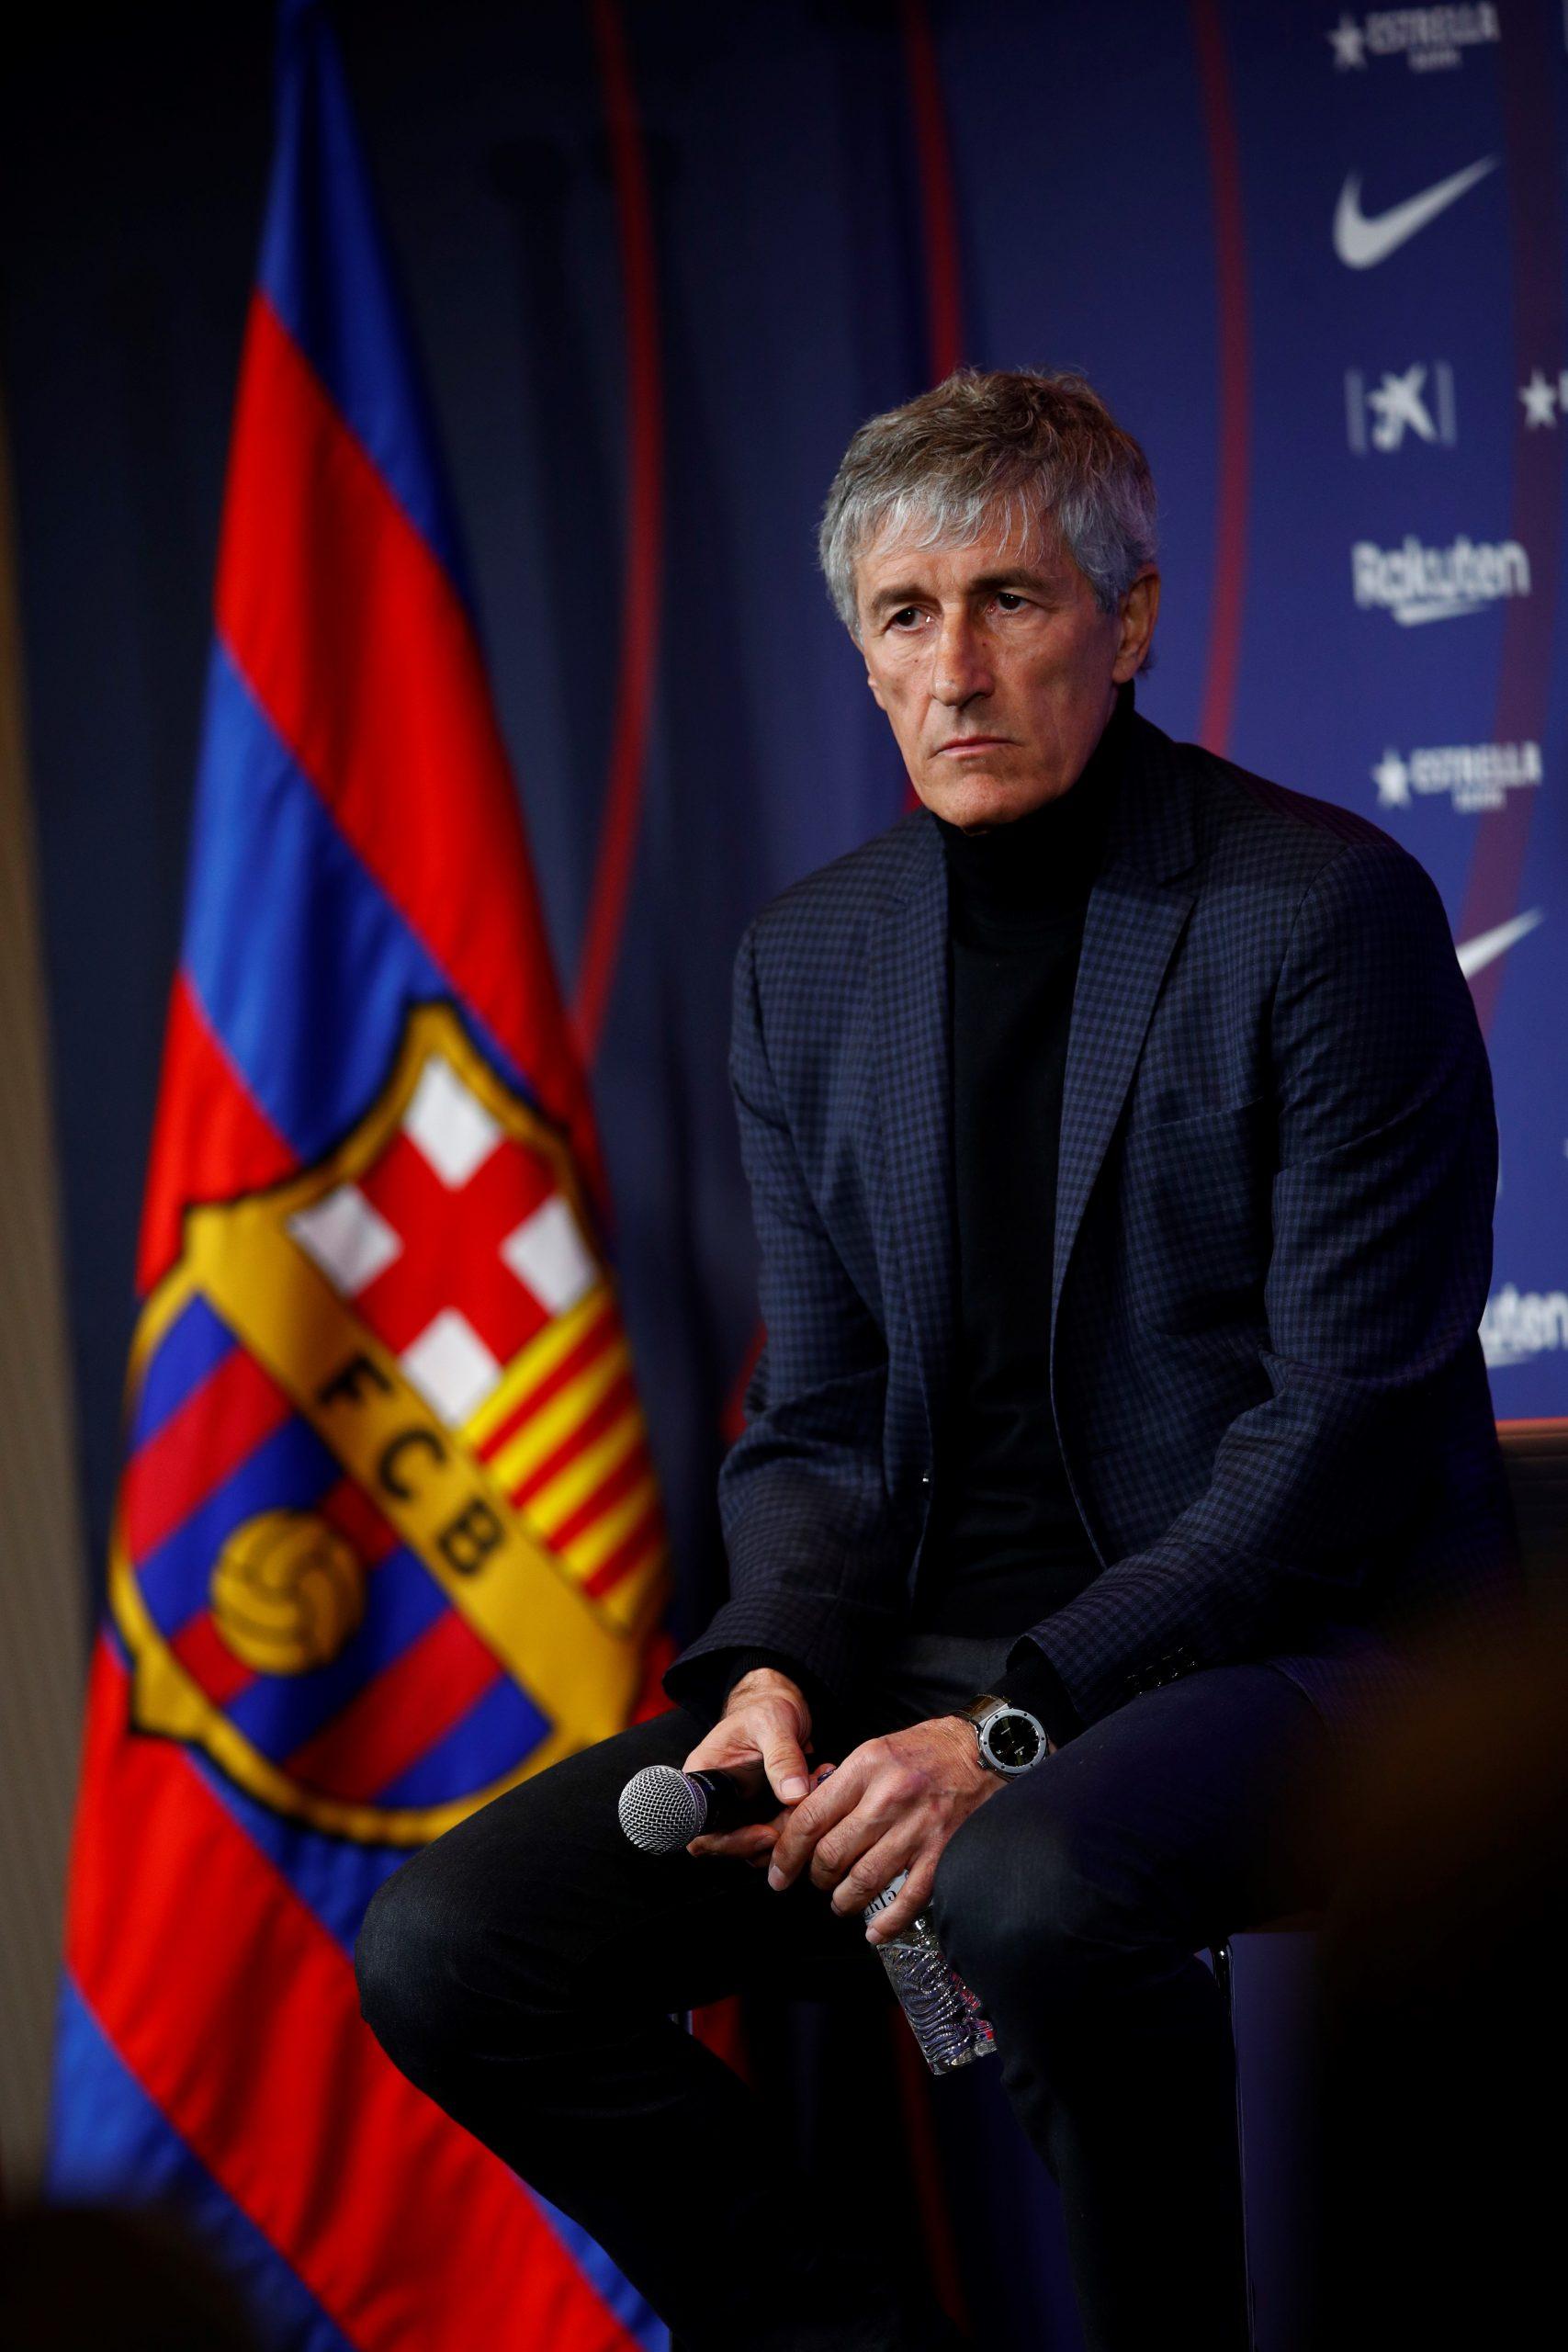 El nuevo entrenador del FC Barcelona, Quique Setién, durante el acto de su presentación como nuevo entrenador blaugrana hasta la temporada 2021-2022. Foto de EFE/Alejandro García.